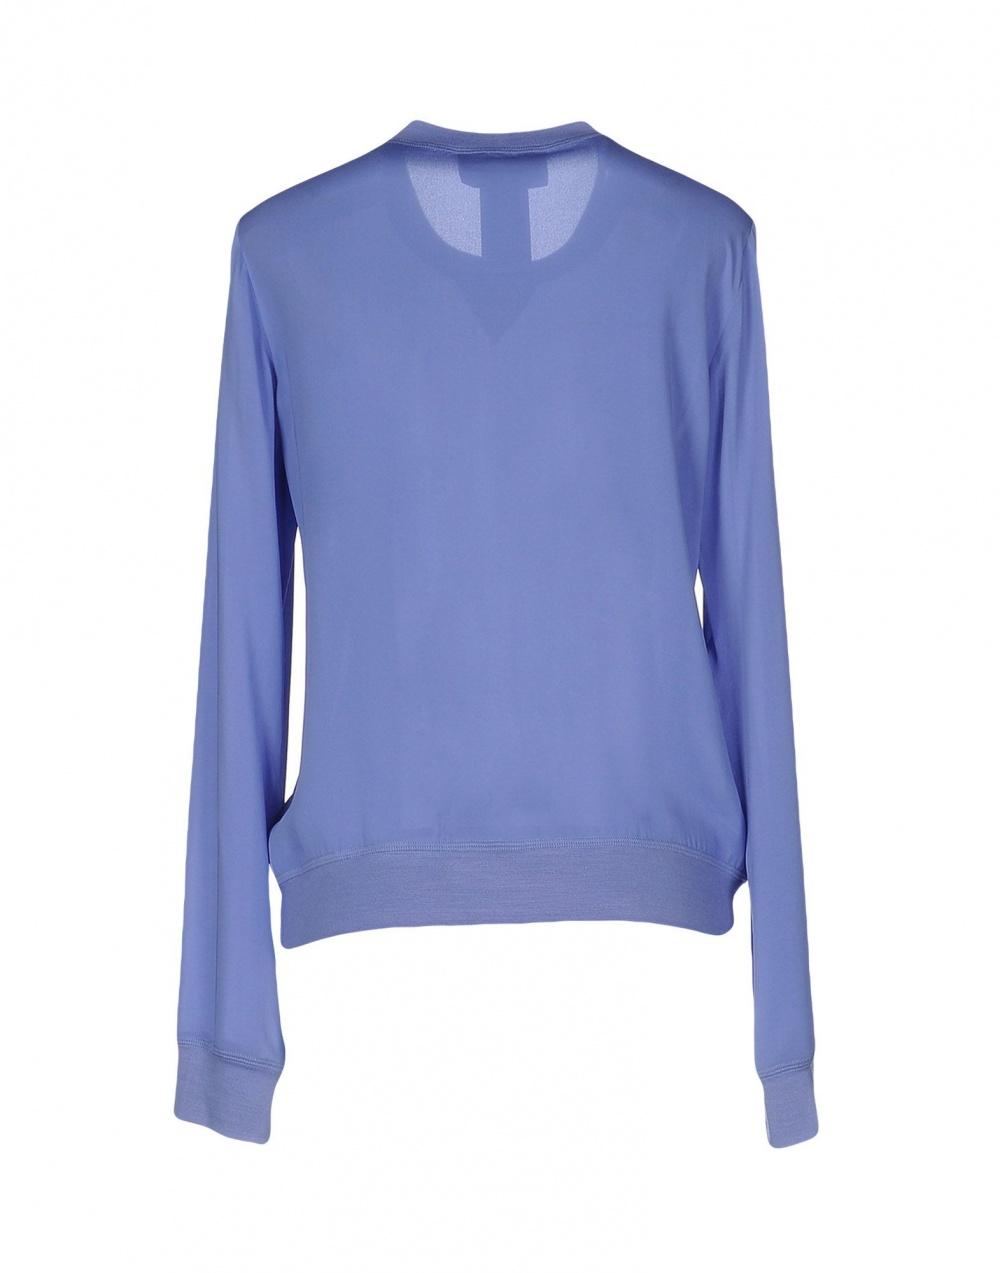 Шелковый блузон DSQUARED2, 48 (Российский размер) дизайнер:46 (IT) Сиреневый